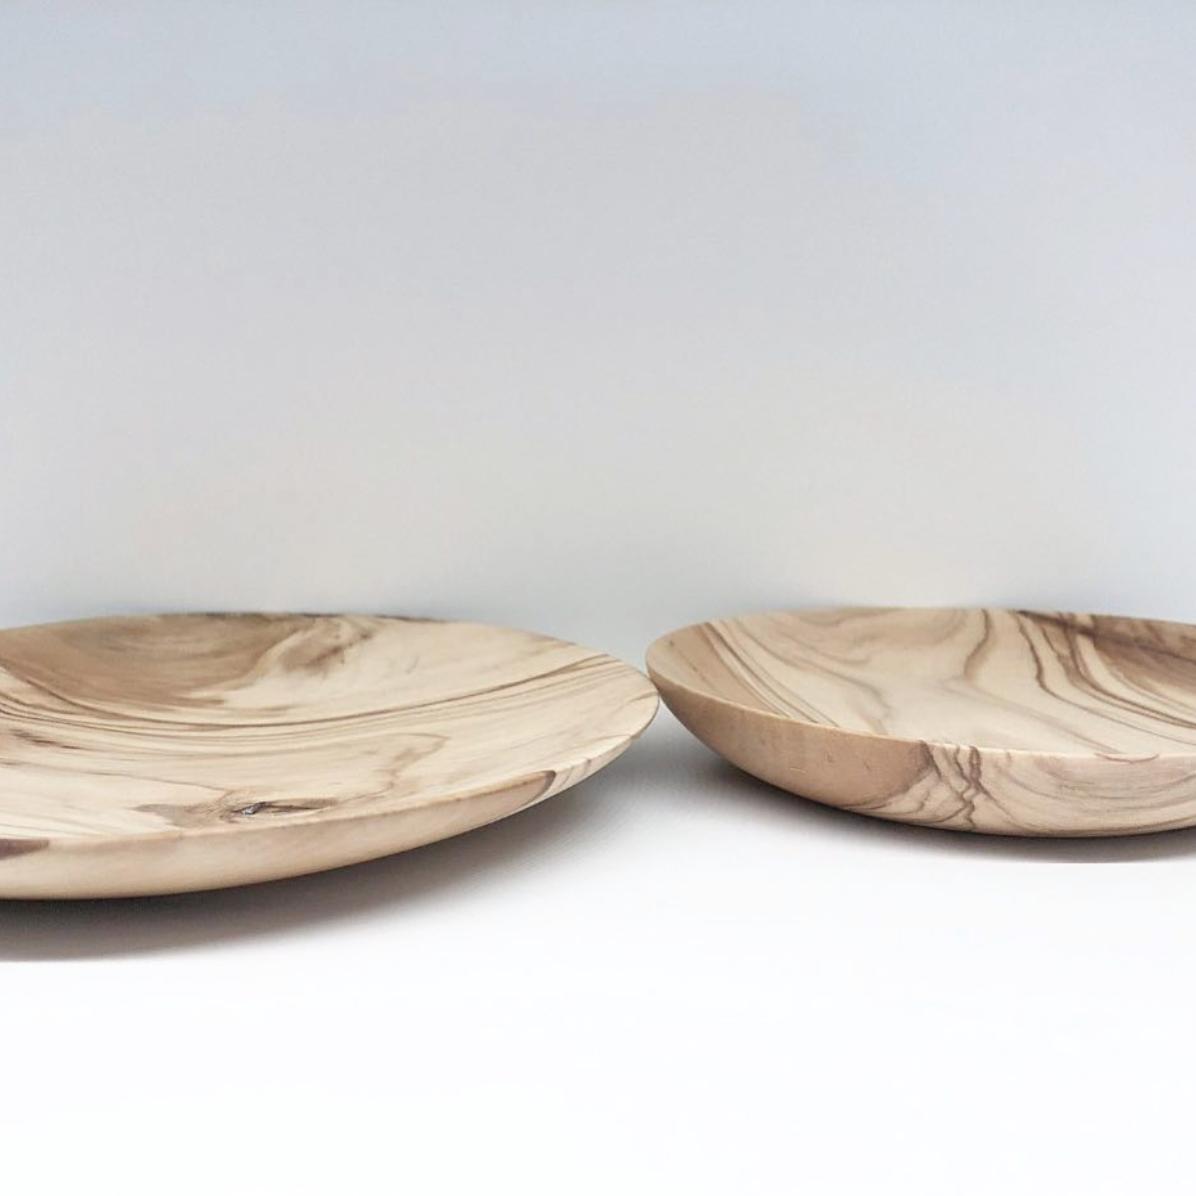 olive wood salt plates @ sharkegg.com.png